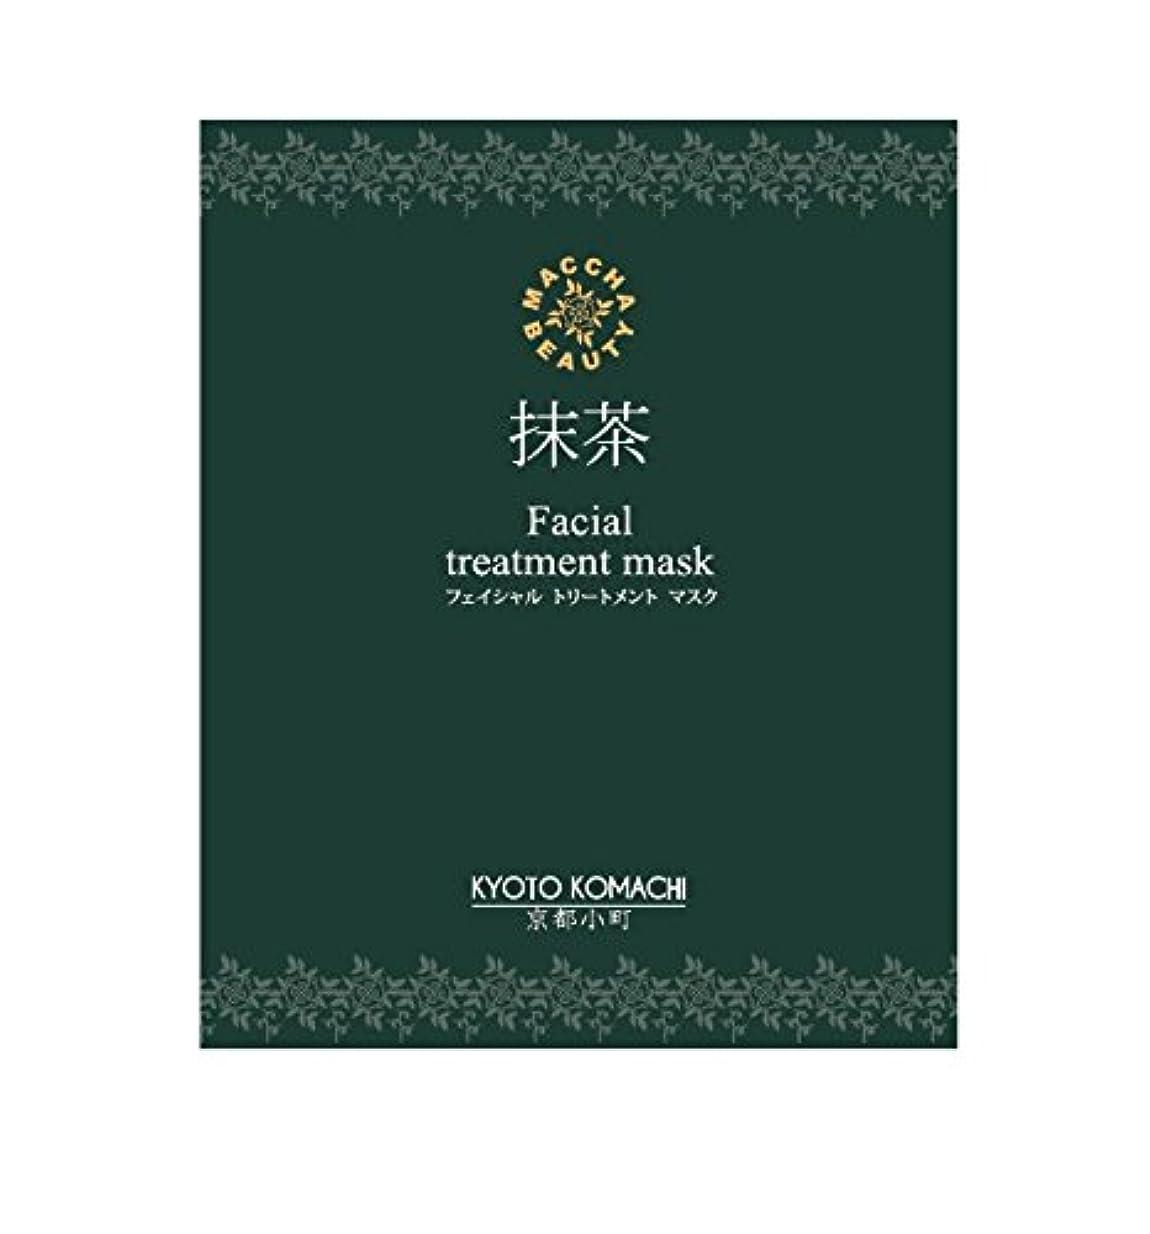 大いにヘビ評価する京都小町<抹茶美人>マチャビューティー フェイシャル トリートメント マスク 25g×30枚(+無料5枚)